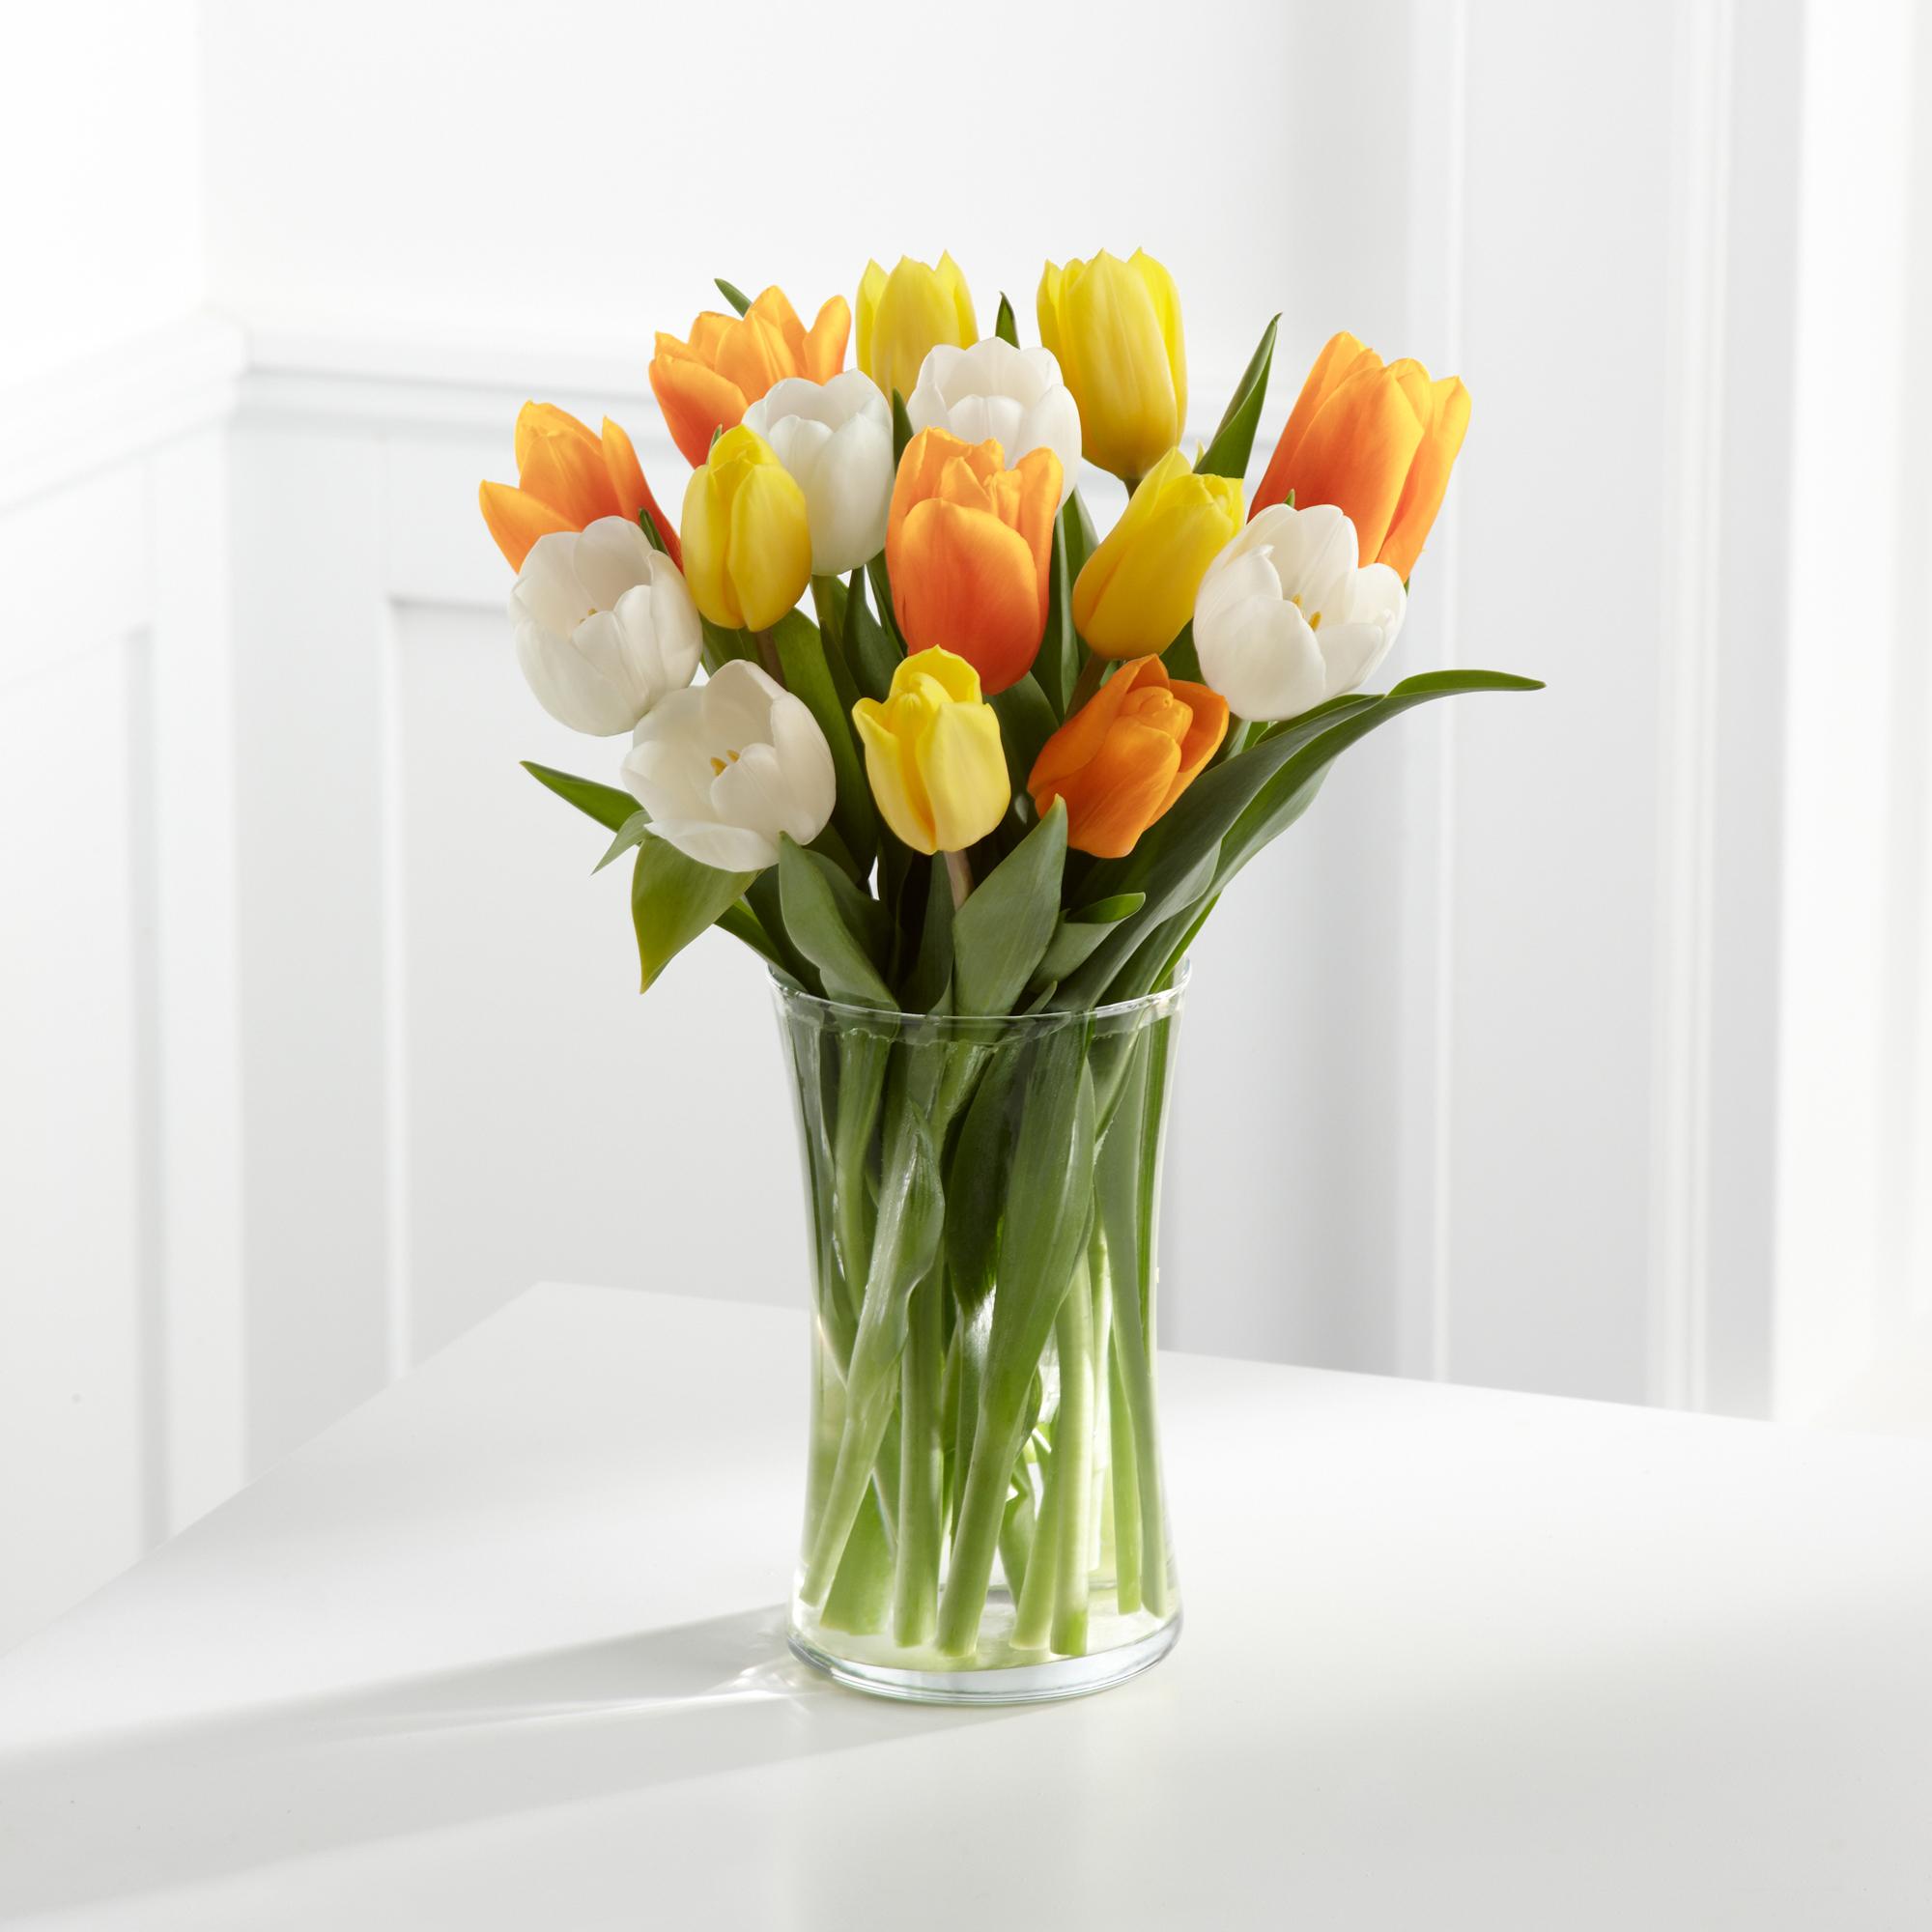 tulip-photo-135